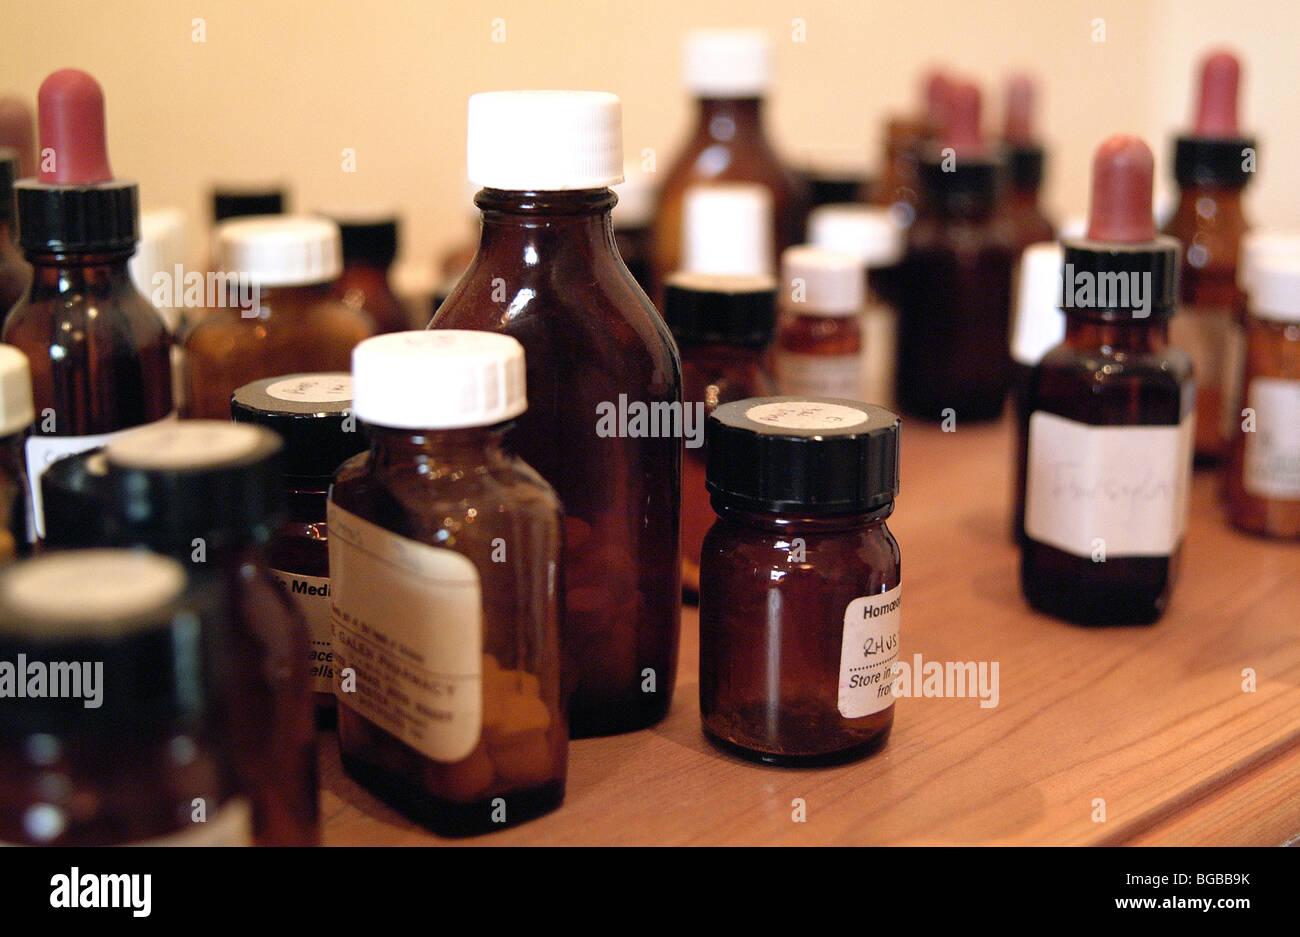 Royalty free fotografia di bottiglie pillole medicine cabinet per problemi di salute Immagini Stock